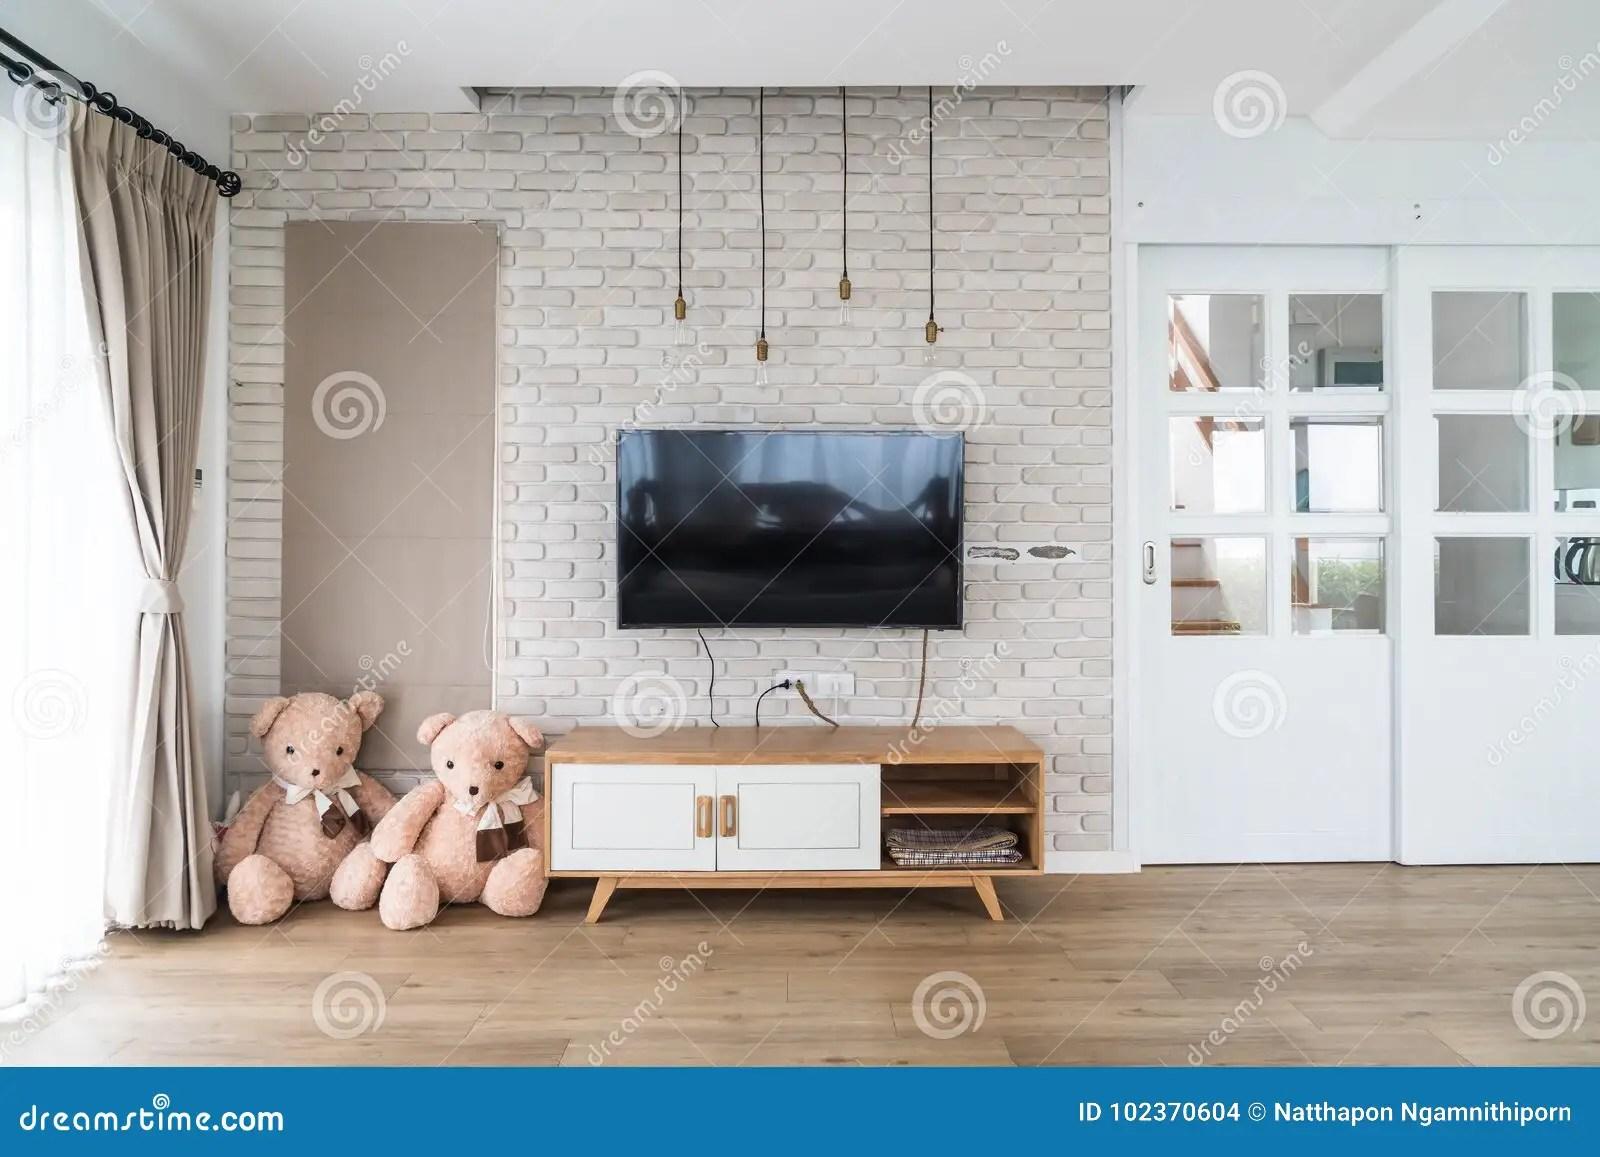 Stenen Muur Verven : Woonkamer met bakstenen muur comfortabele woonkamer met een muur